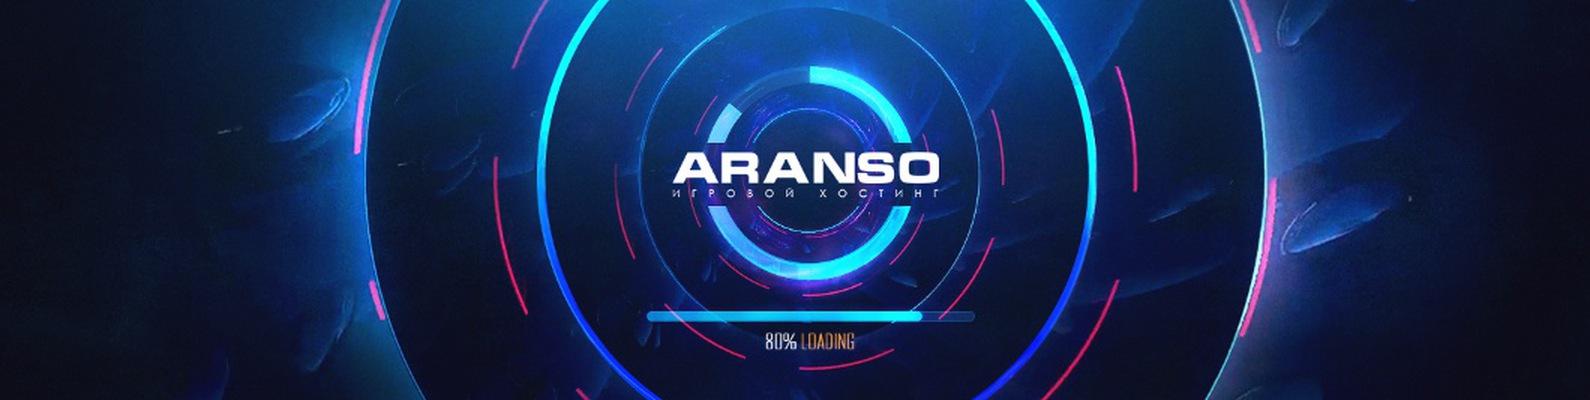 Хостинг aranso просим сервер хостинг